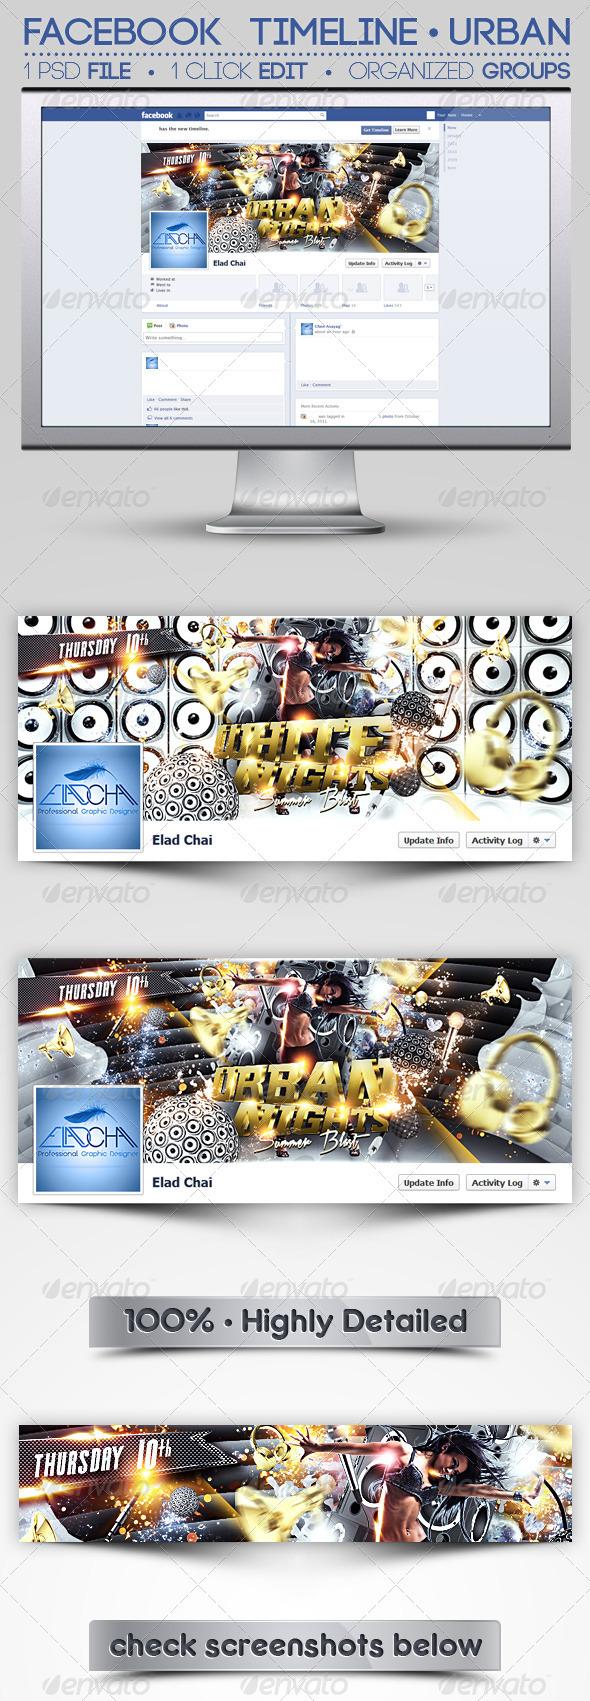 Facebook Timeline Cover | Urban Nights - Facebook Timeline Covers Social Media